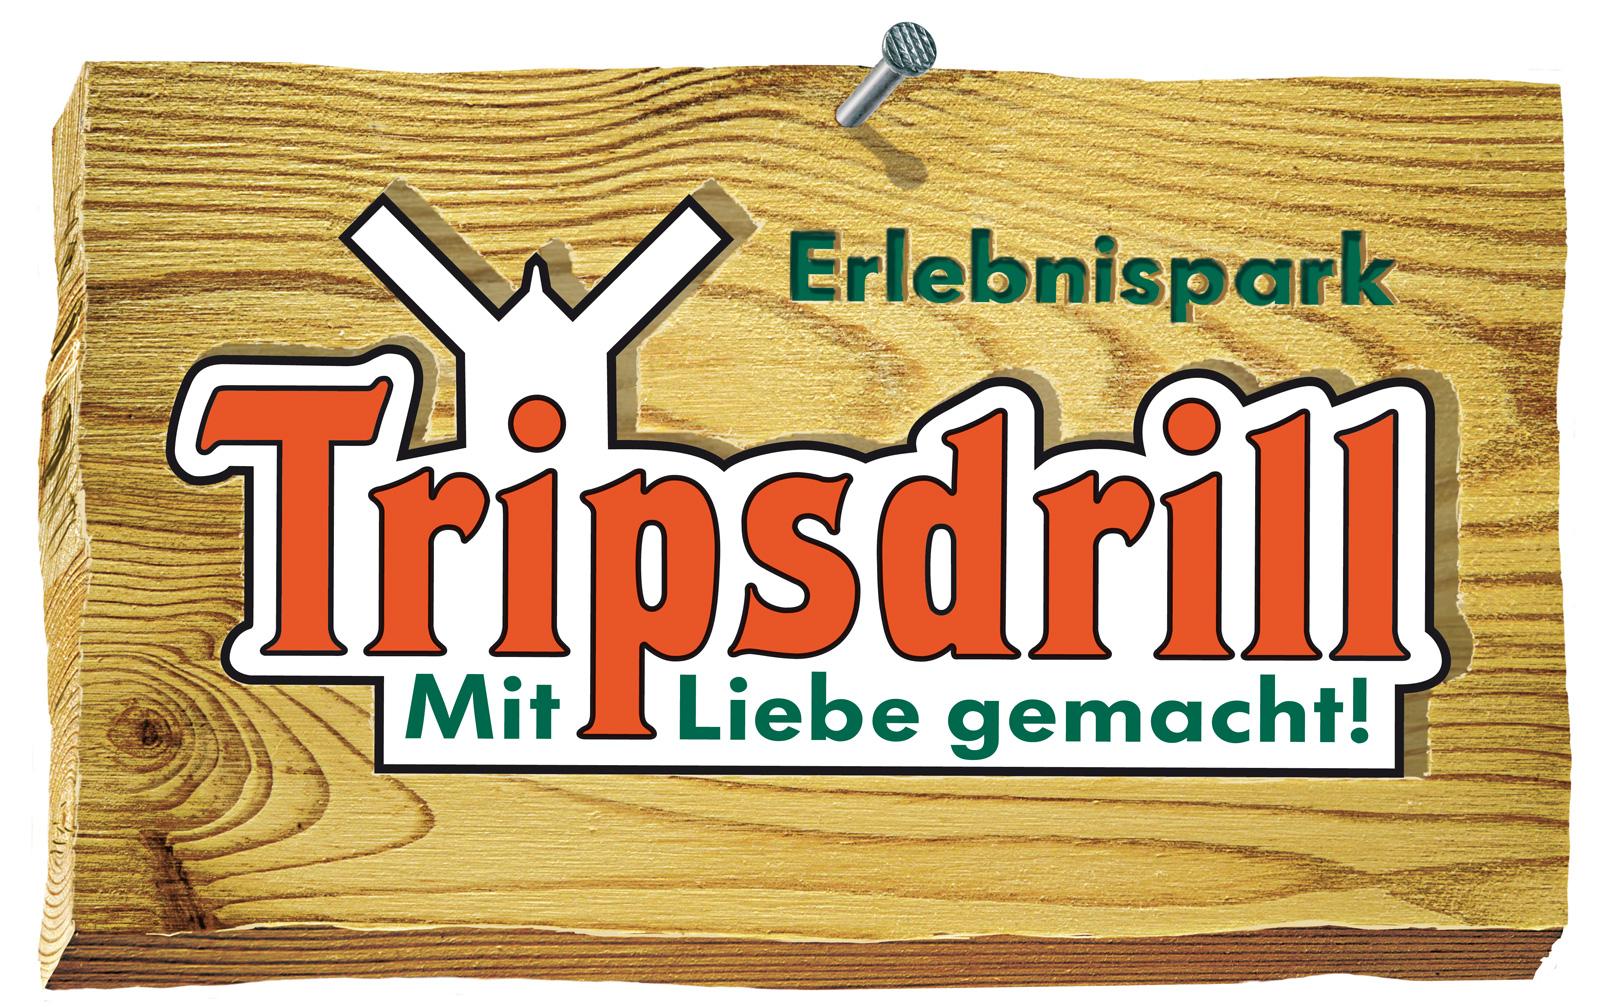 [Erlebnispark Tripsdrill] Kind & Kegel - Termine 2017 // 21 Euro anstatt 31 Euro Eintritt bei mind. fünf Personen